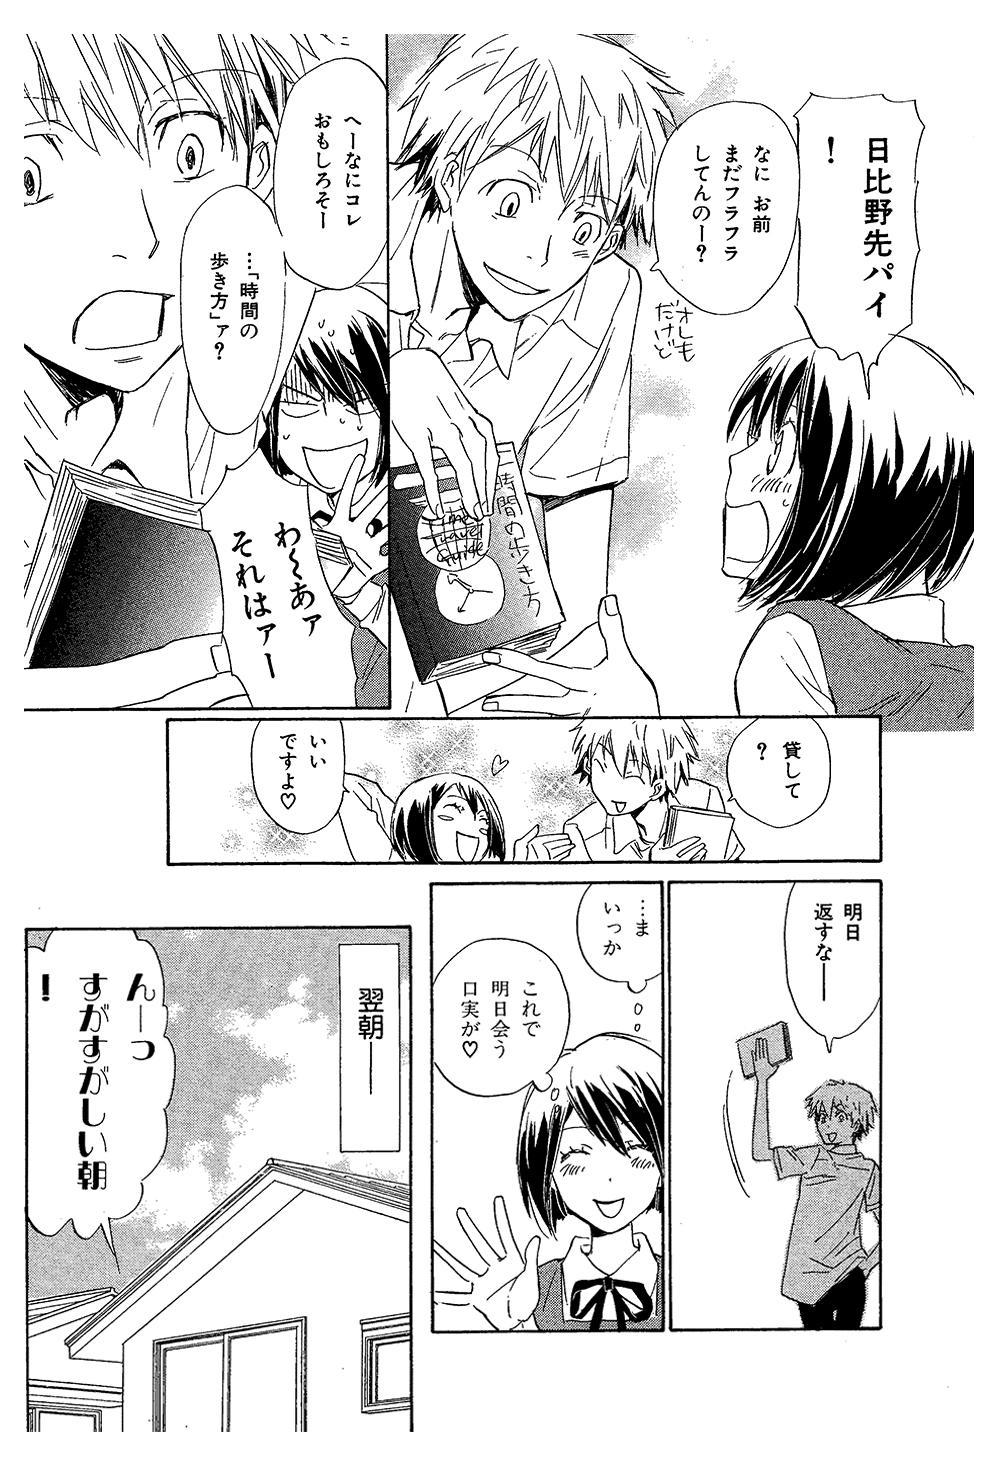 時間の歩き方 第1話 ②jikan02-02.jpg